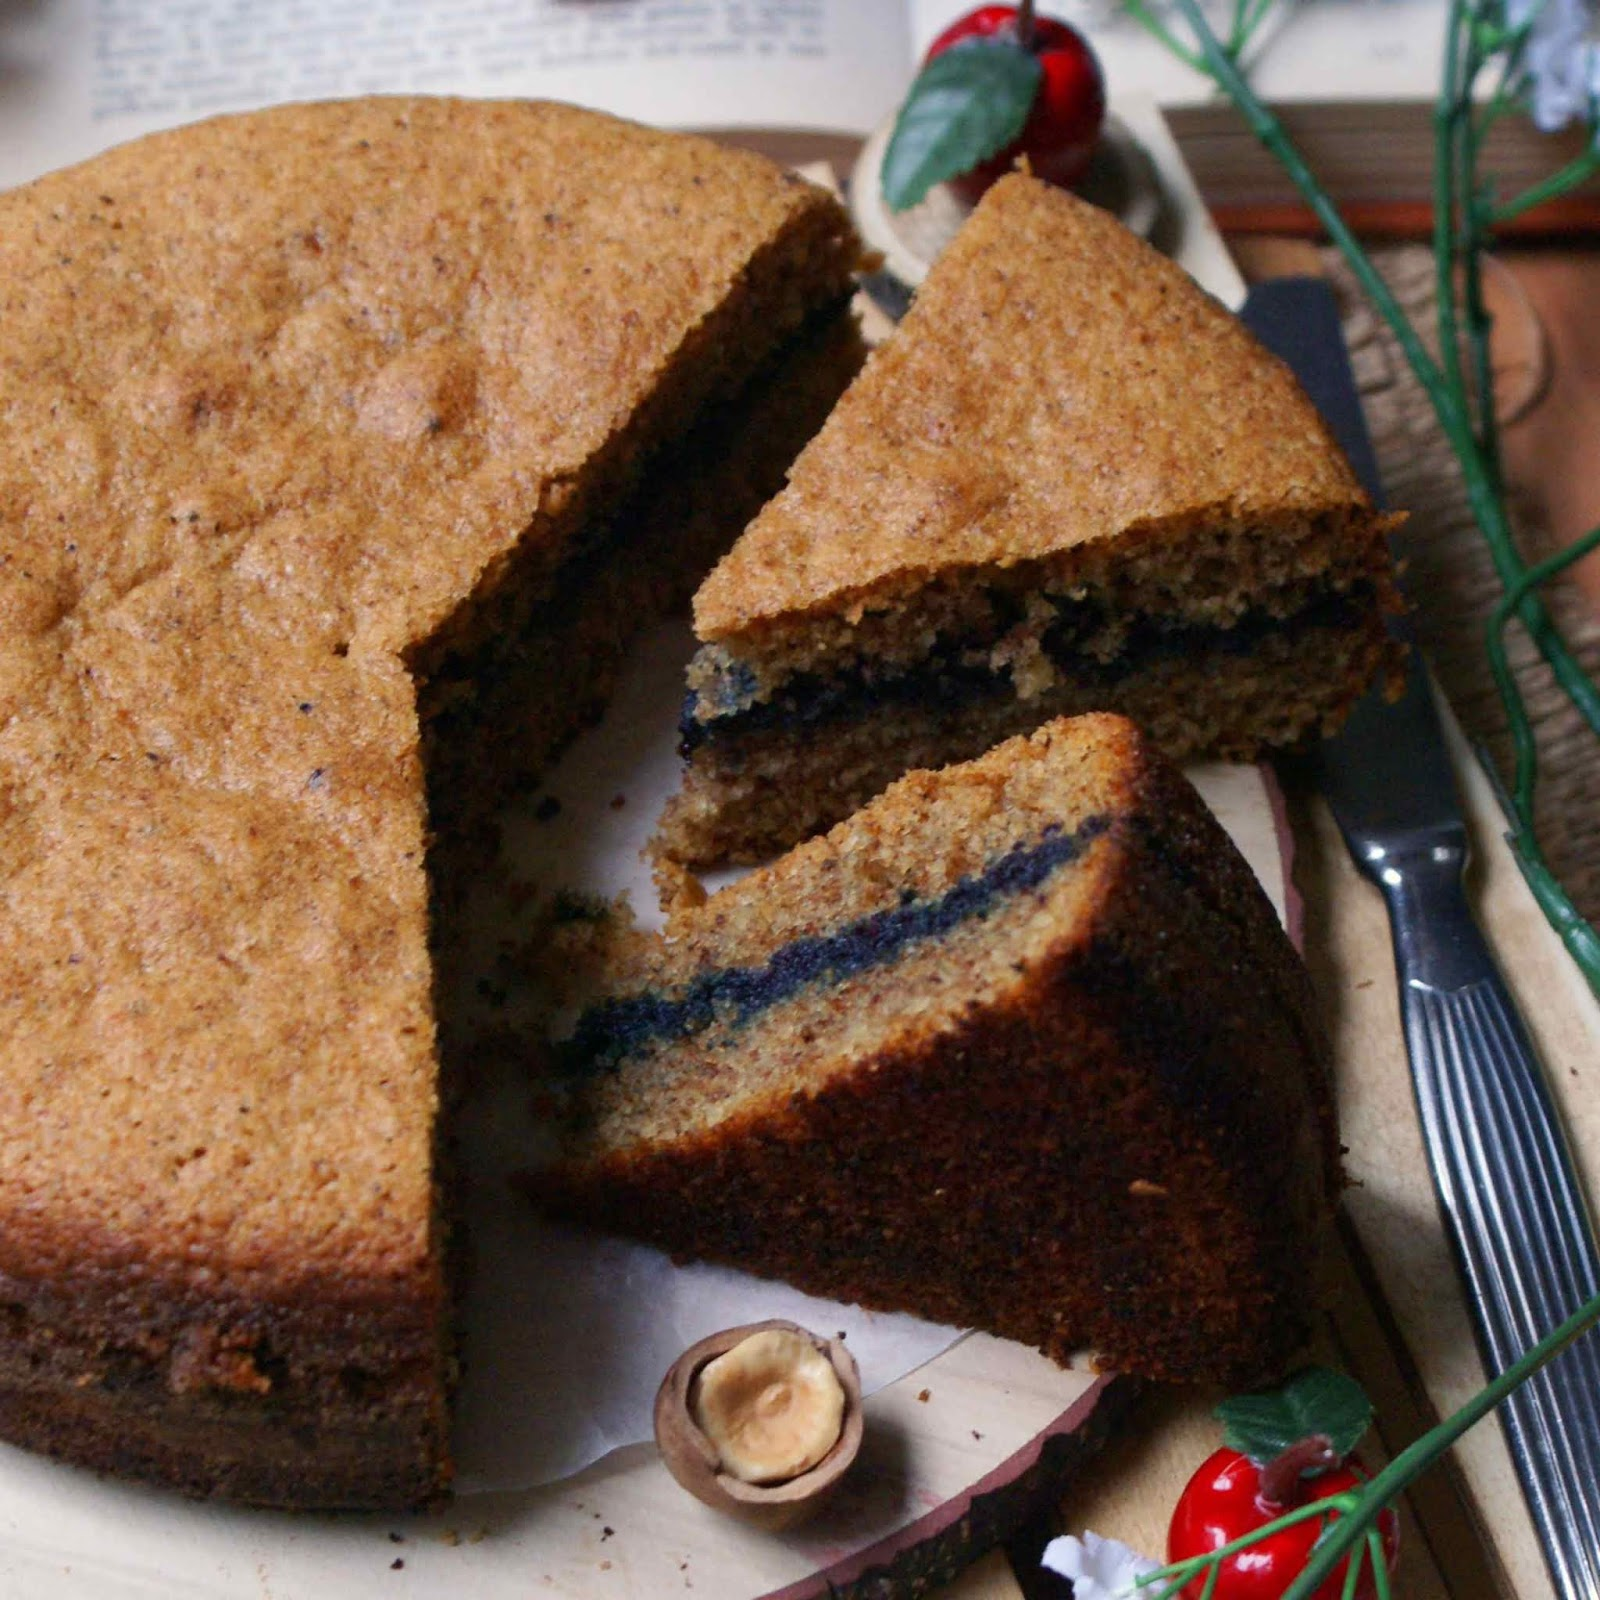 Torta al grano saraceno con marmellata senza glutine